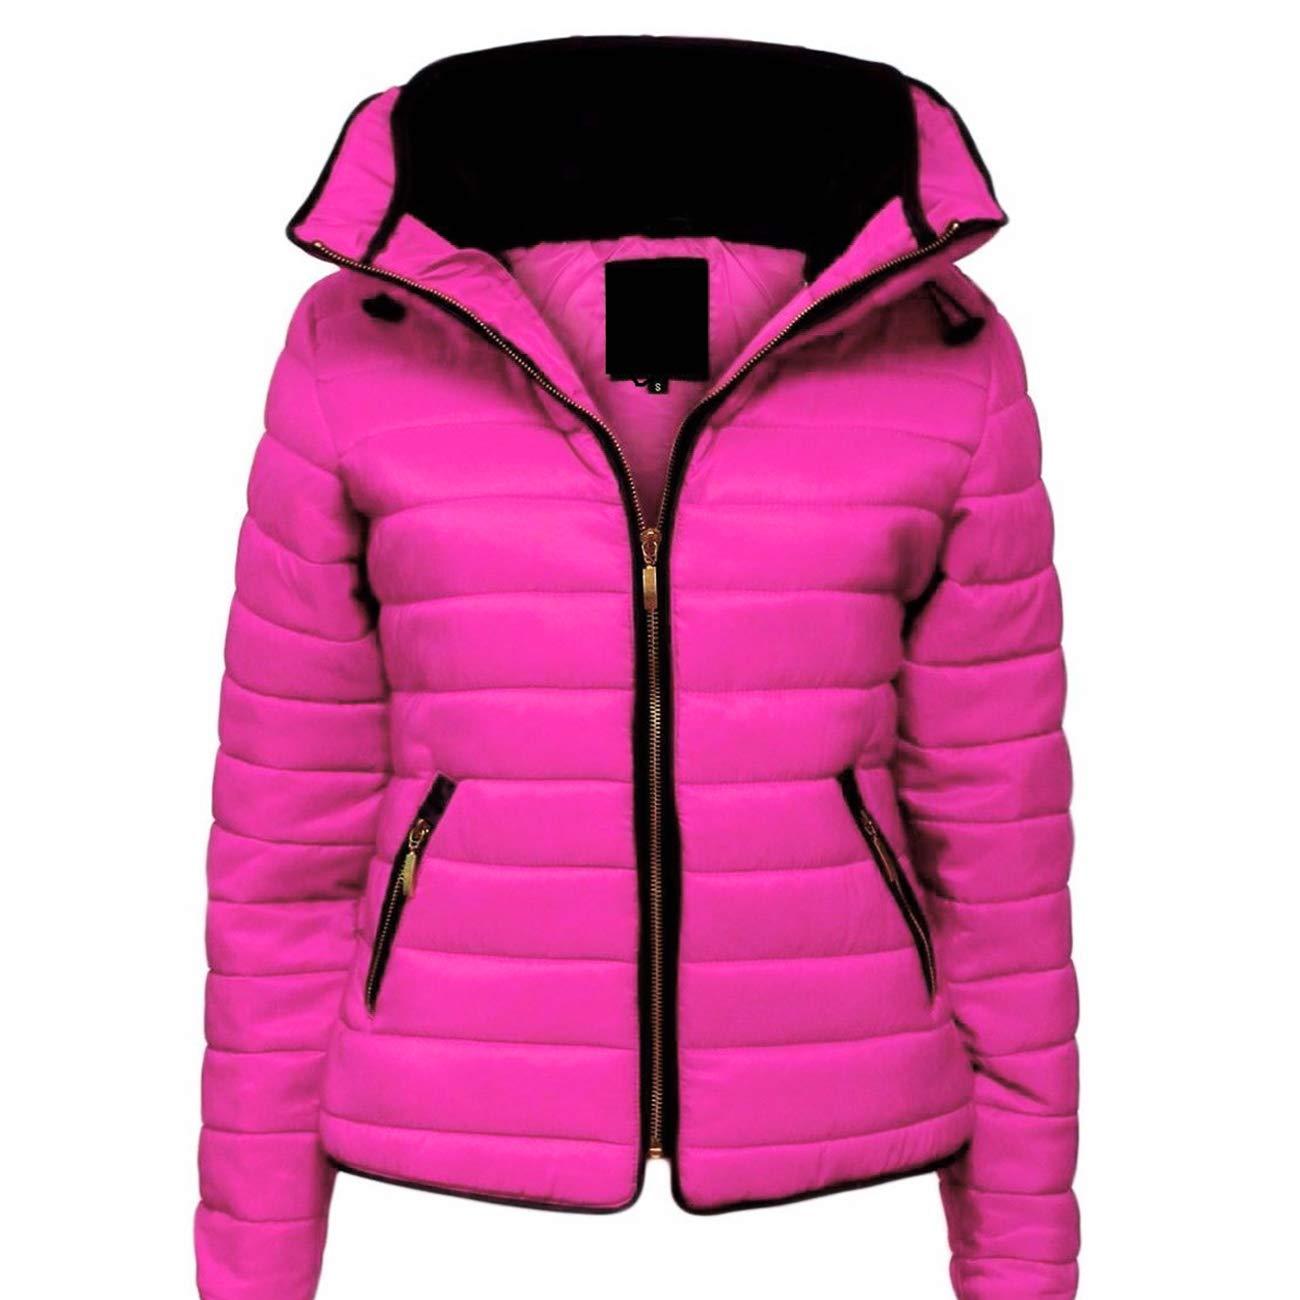 Malaïka ® pour femme matelassé rembourré Doudoune Bubble col en fourrure chaud épais Manteau Veste pour Femme,Jaune,S